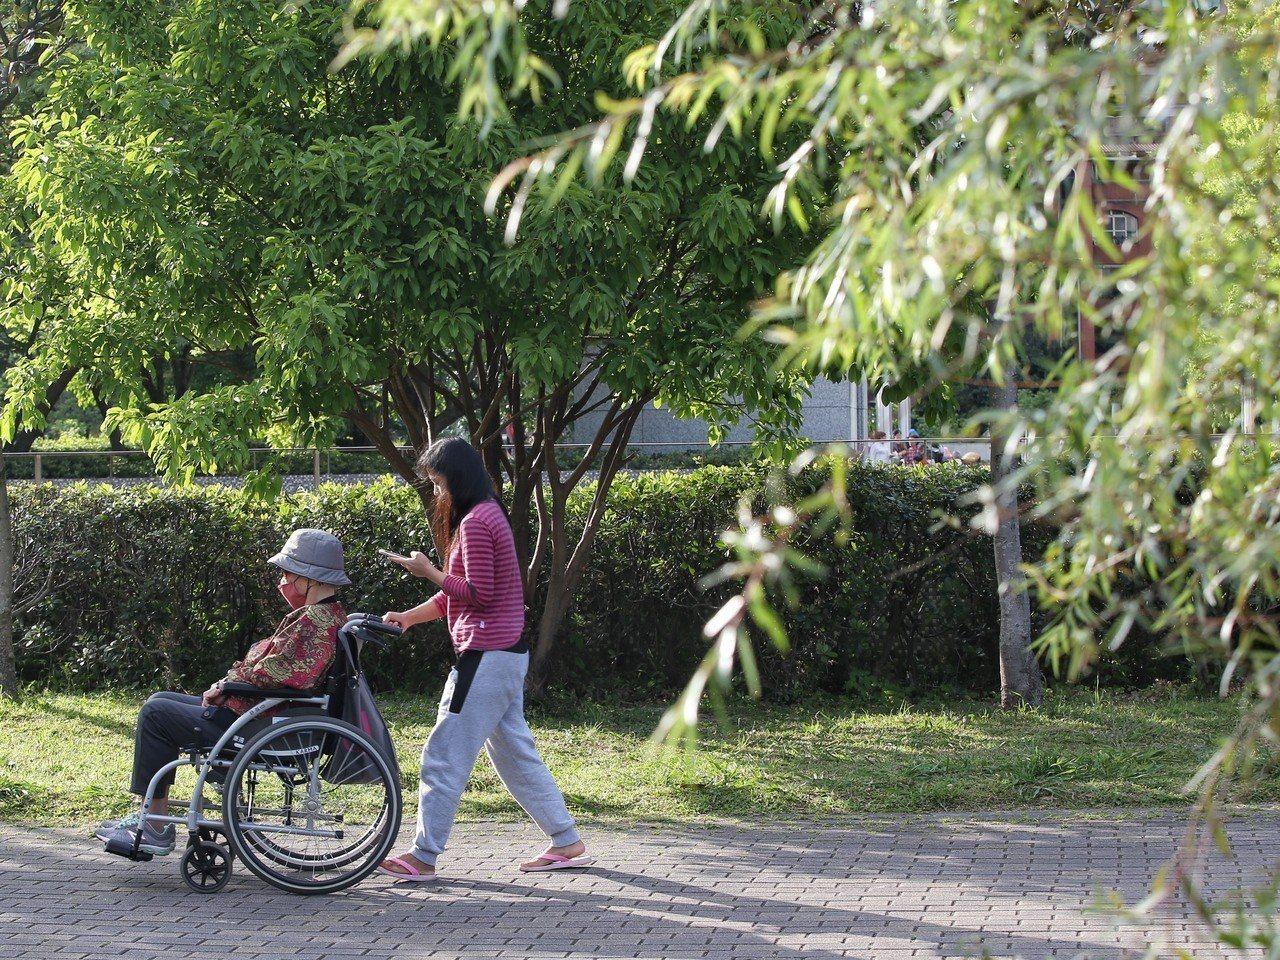 長照歷程像一場看不見盡頭的馬拉松,由照顧者和被照顧者的淚水堆砌。圖/本報資料照片